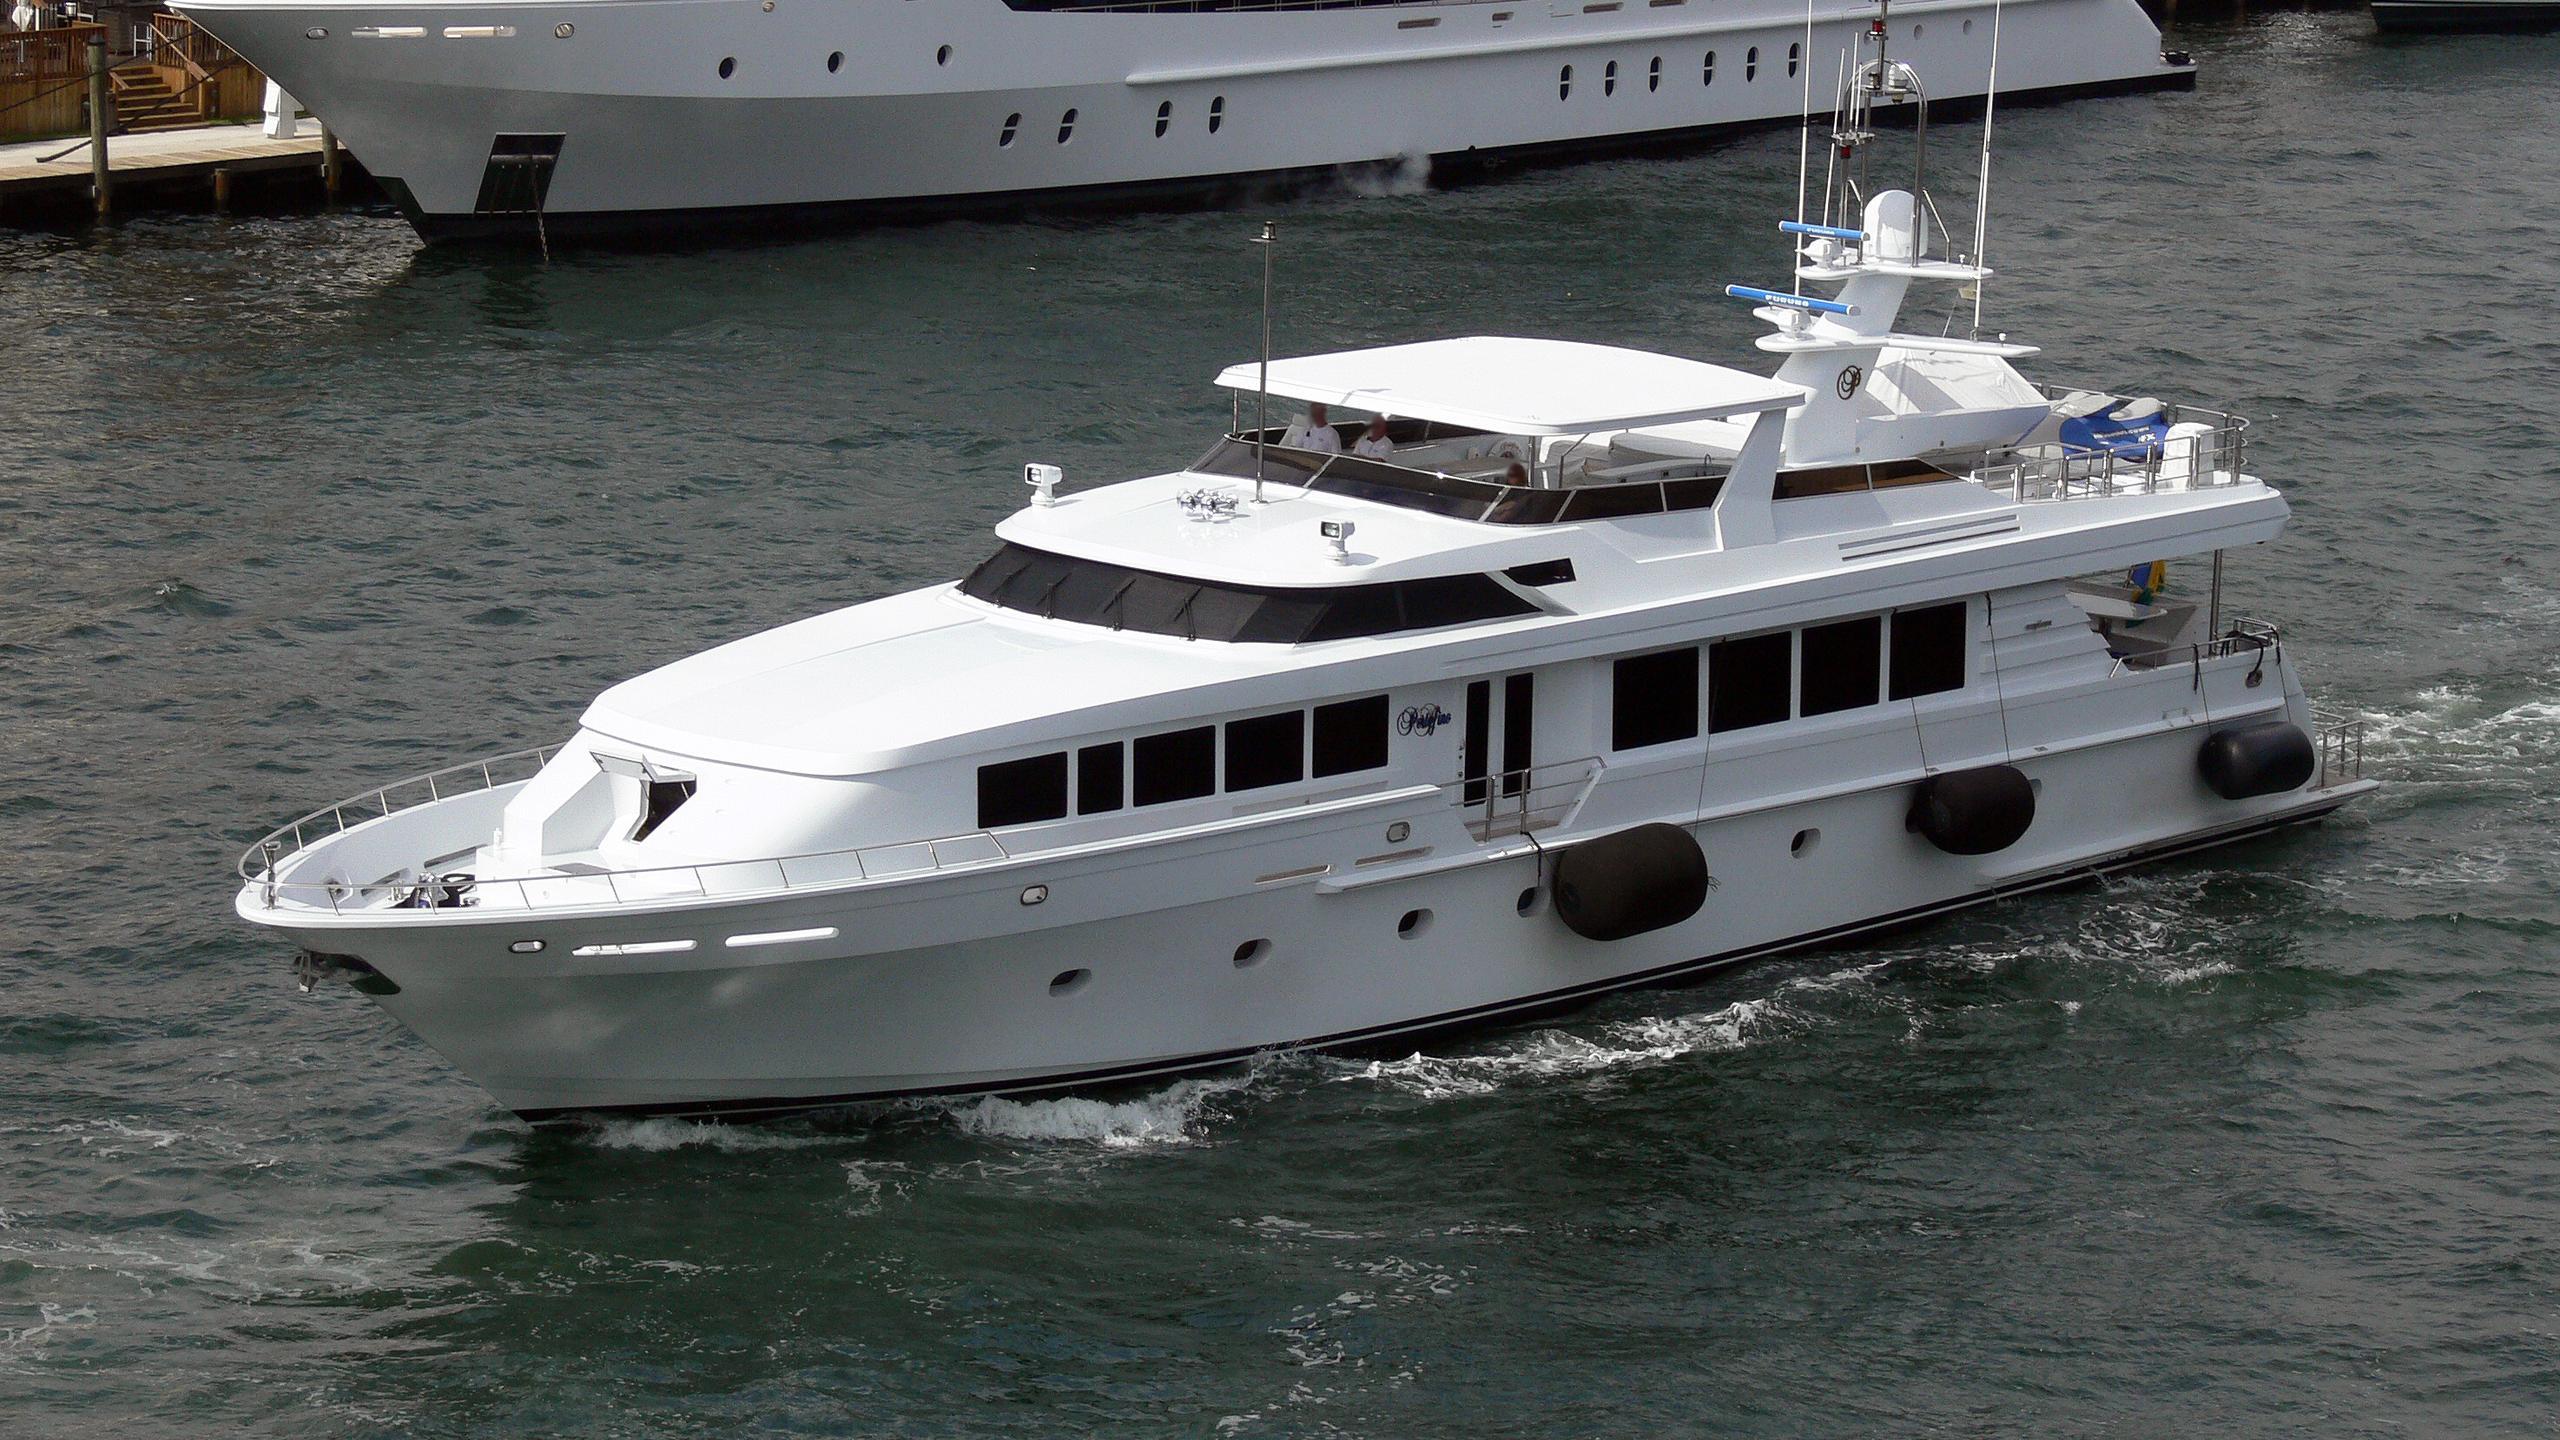 portofino-motor-yacht-intermarine-118-2001-36m-cruising